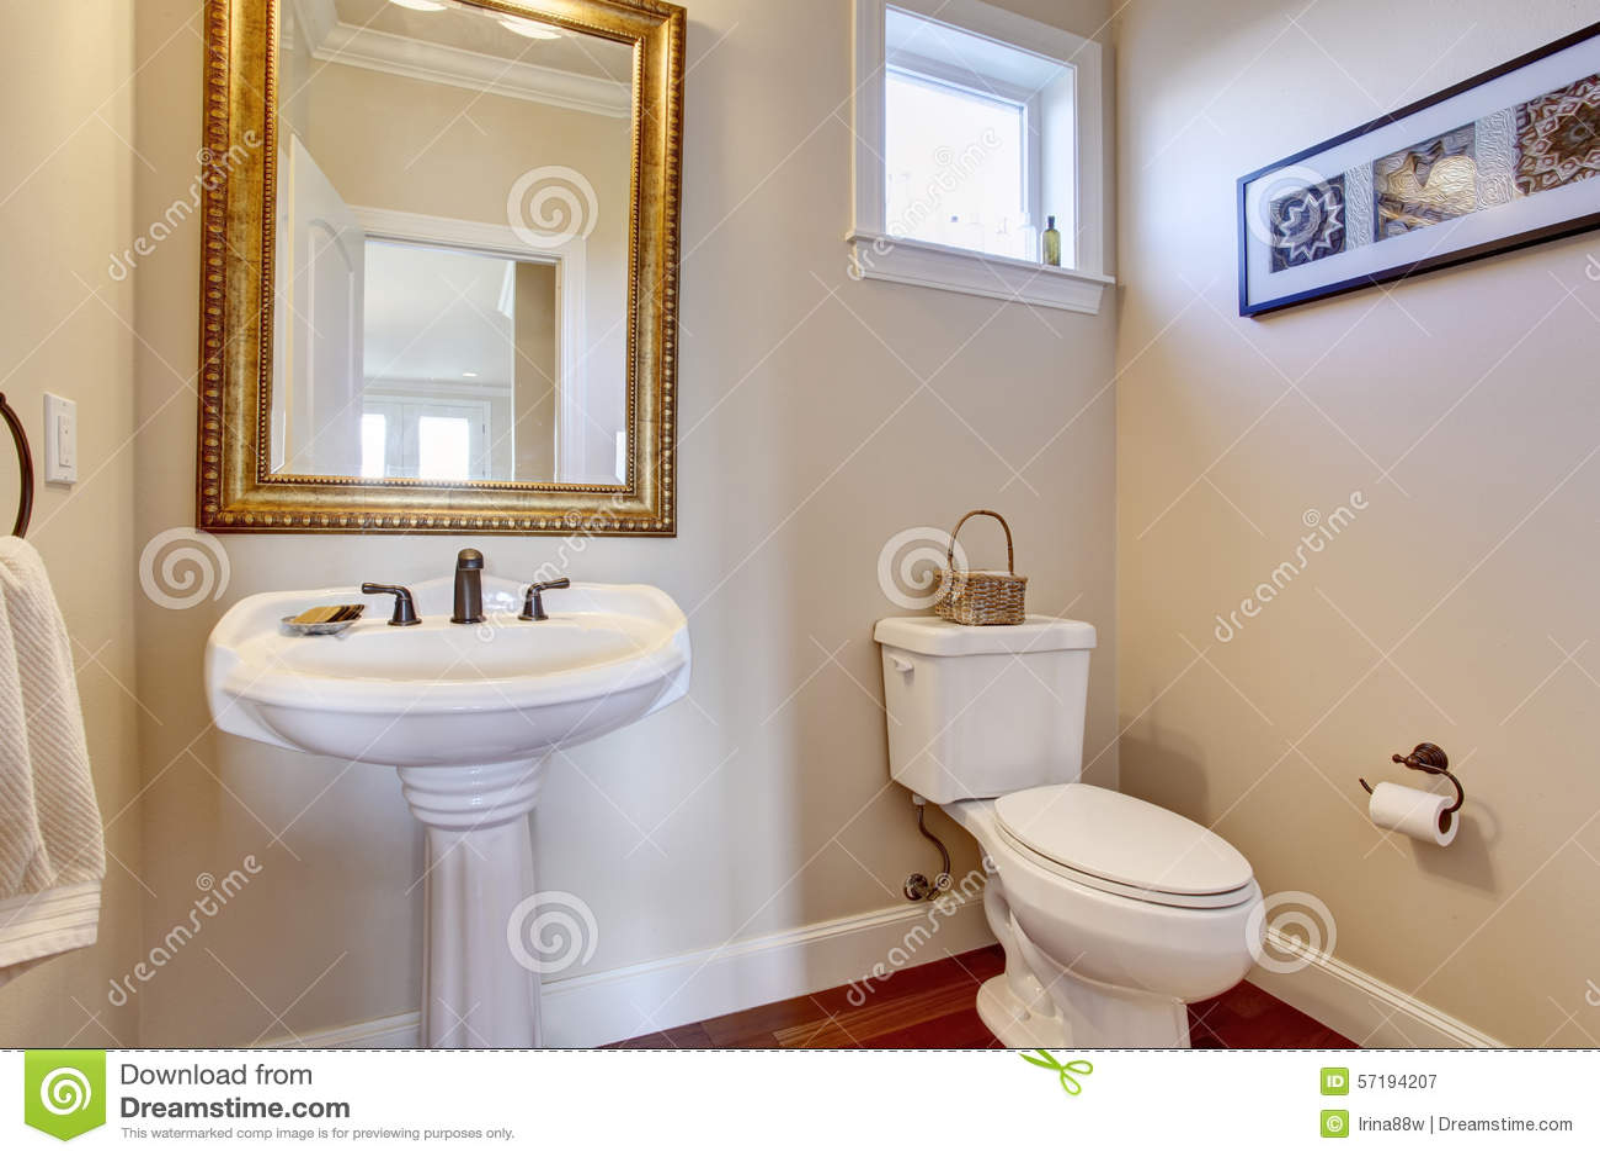 Pareti Bianche E Oro : Bagno semplice con le pareti bianche immagine stock immagine di